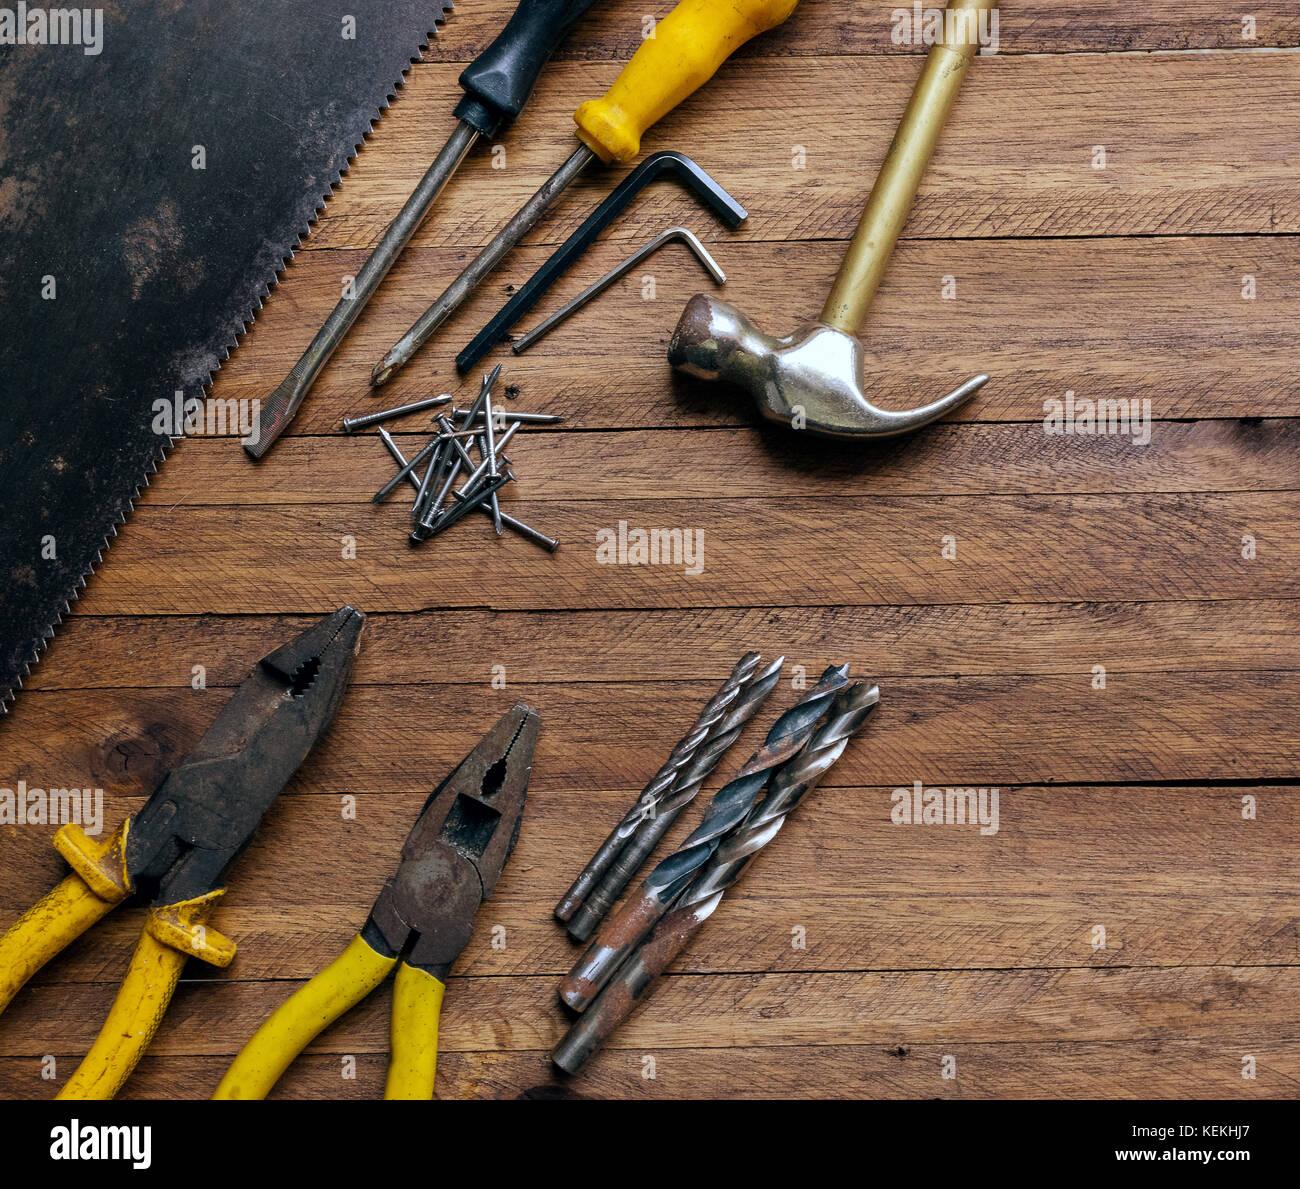 Oxidados y viejos utiliza herramientas de carpintería y garaje sobre un fondo de madera de color marrón claro, mostrando variadas herramientas,con pinzas de metal y vio,brocas metálicas,martillo Foto de stock